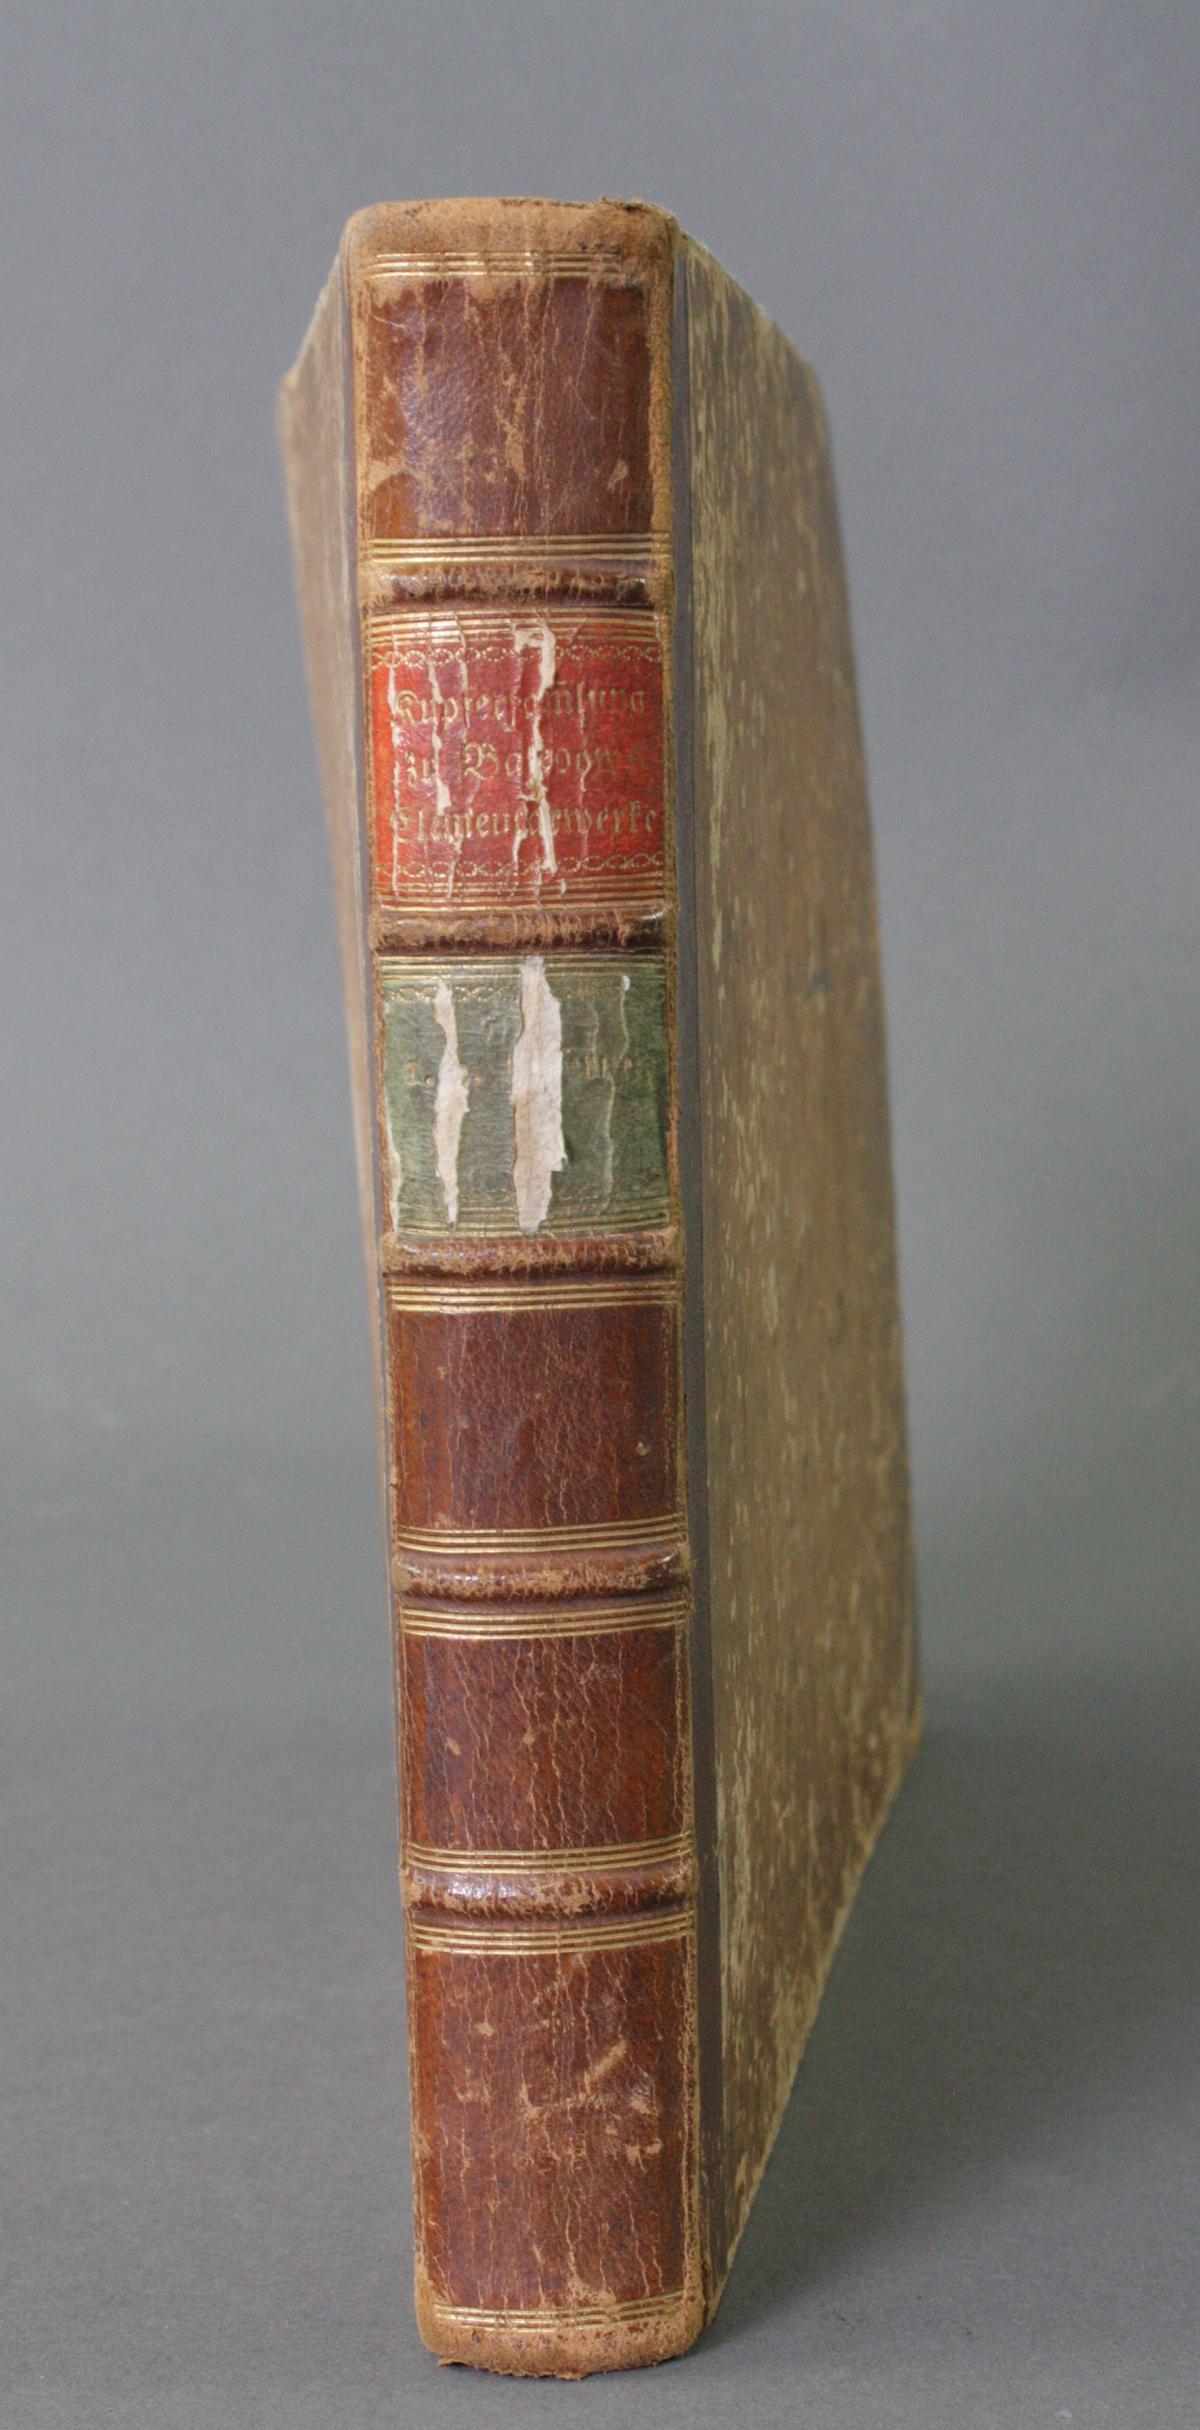 Johann Bernhard Basedow, Kupfersammlung zum Elementarwerk, 1774-14